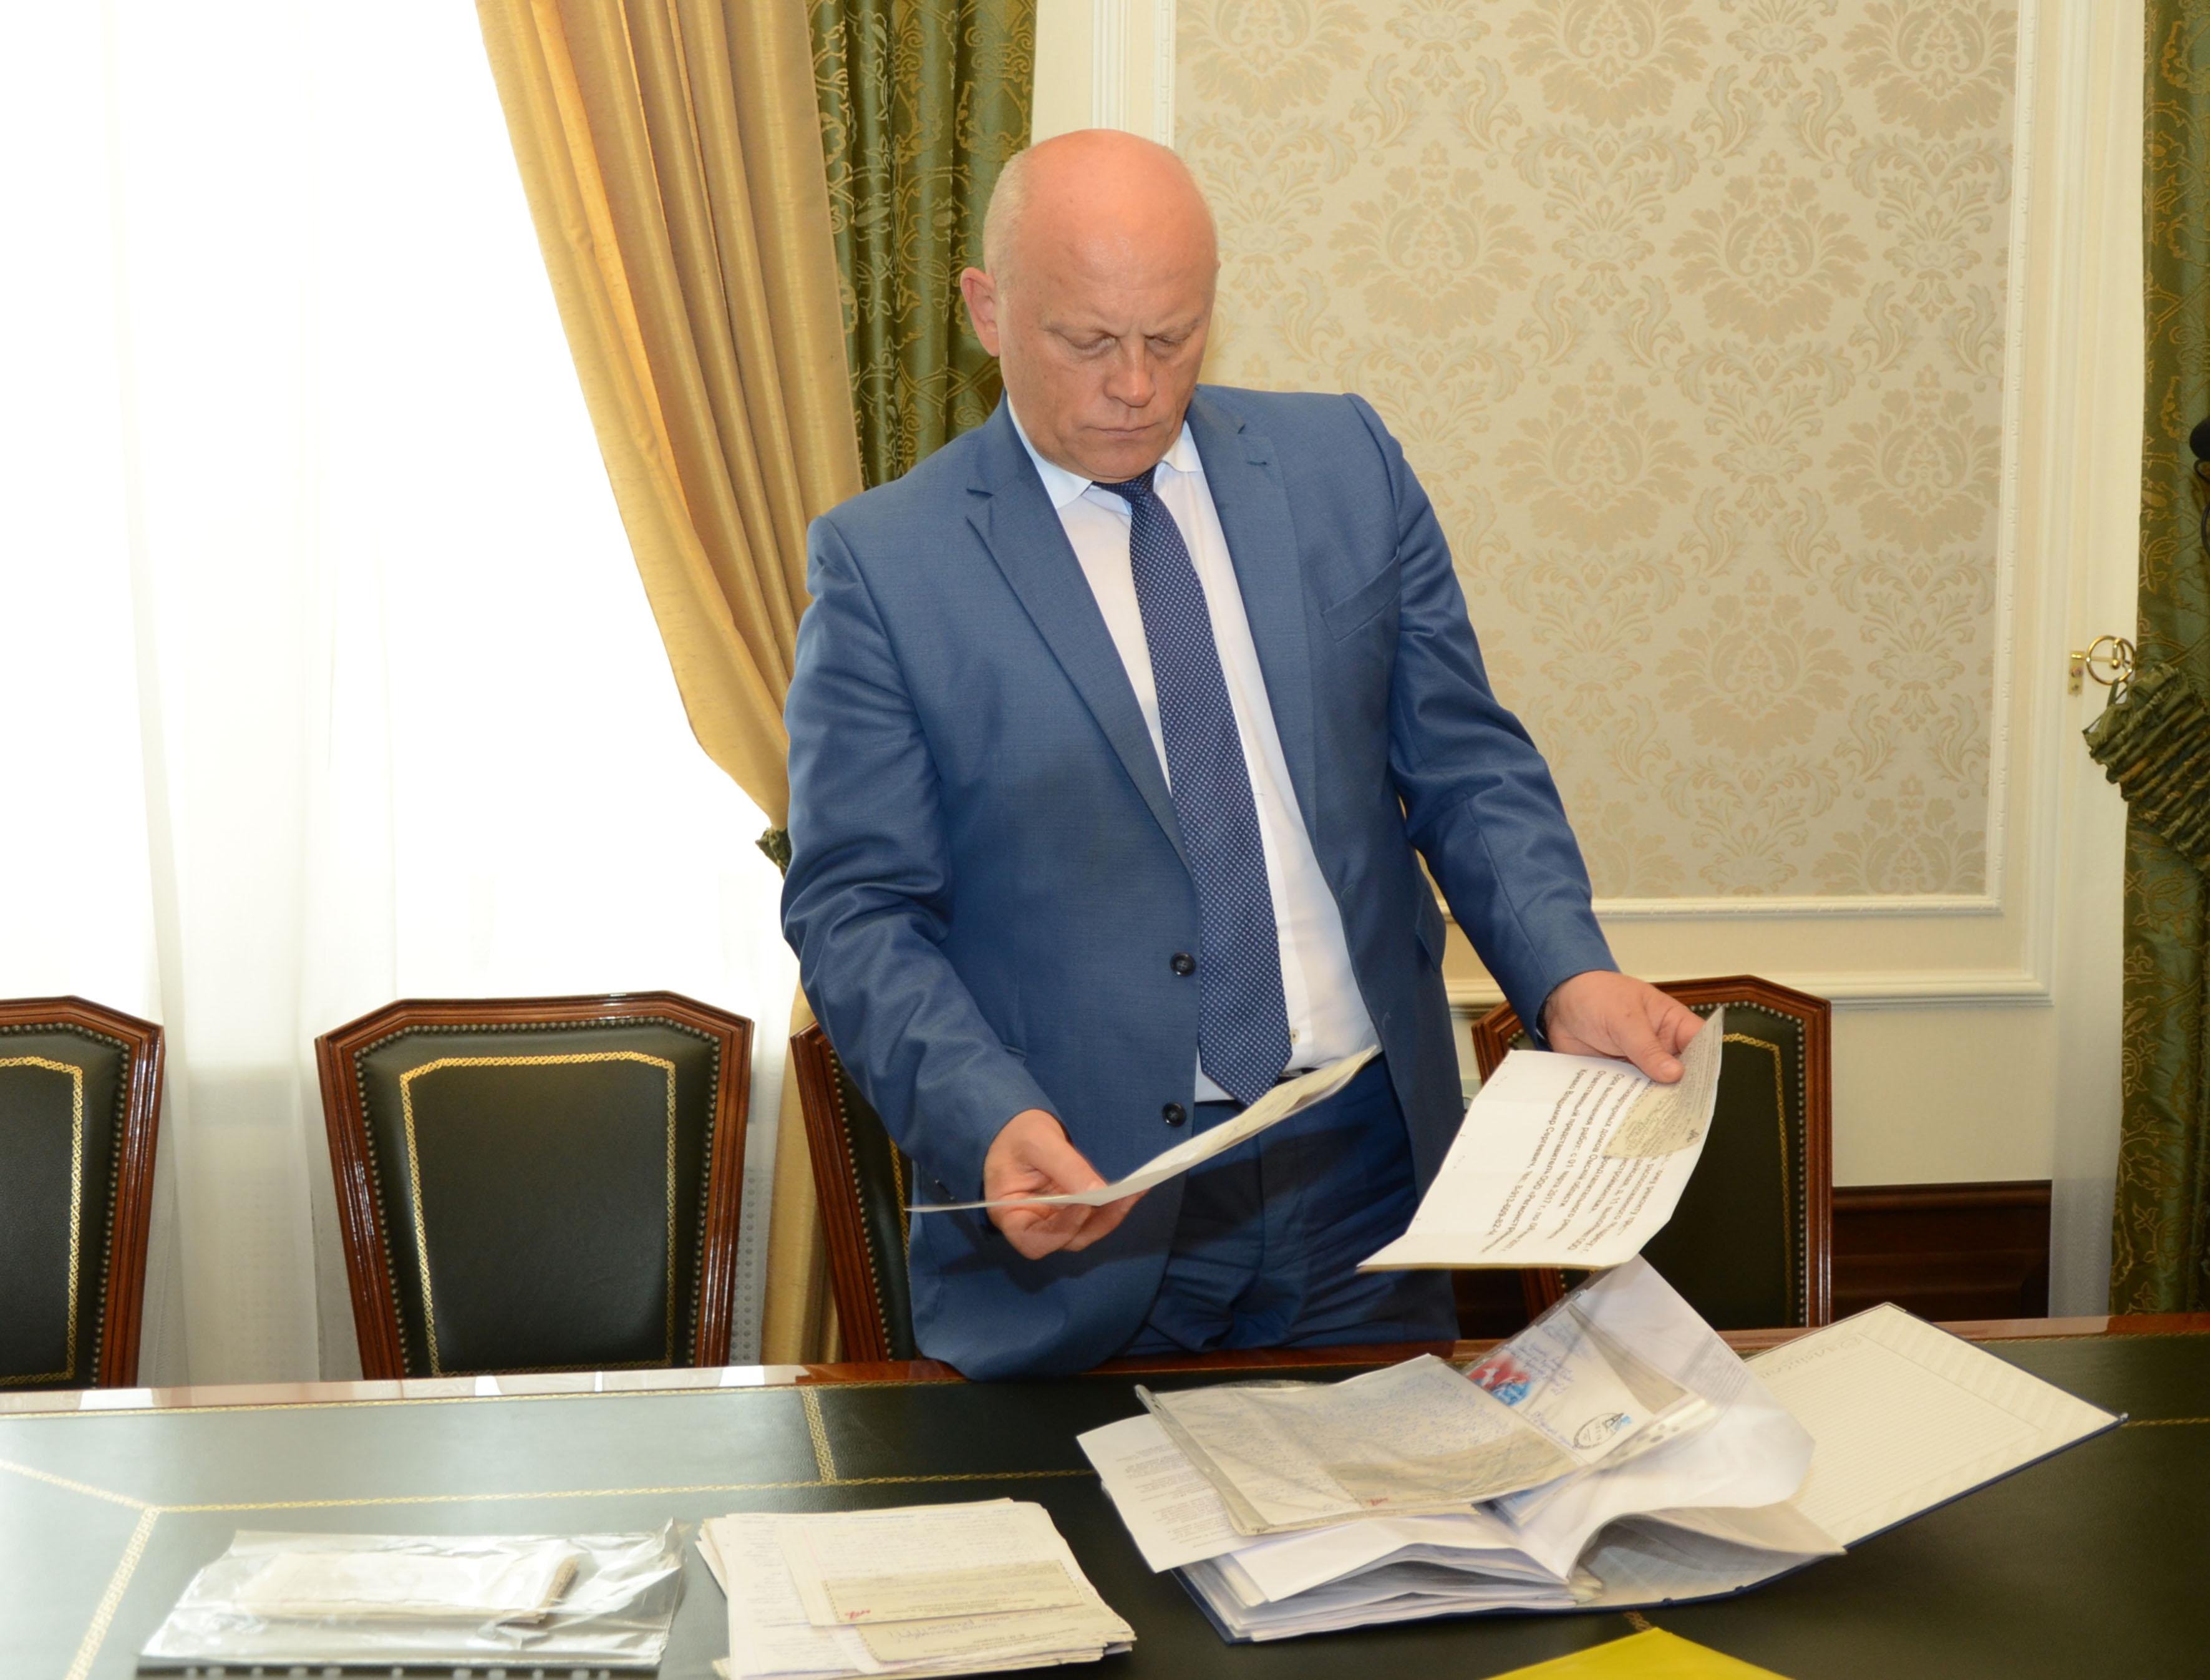 Назарову пришло 100 писем с просьбами от омичей